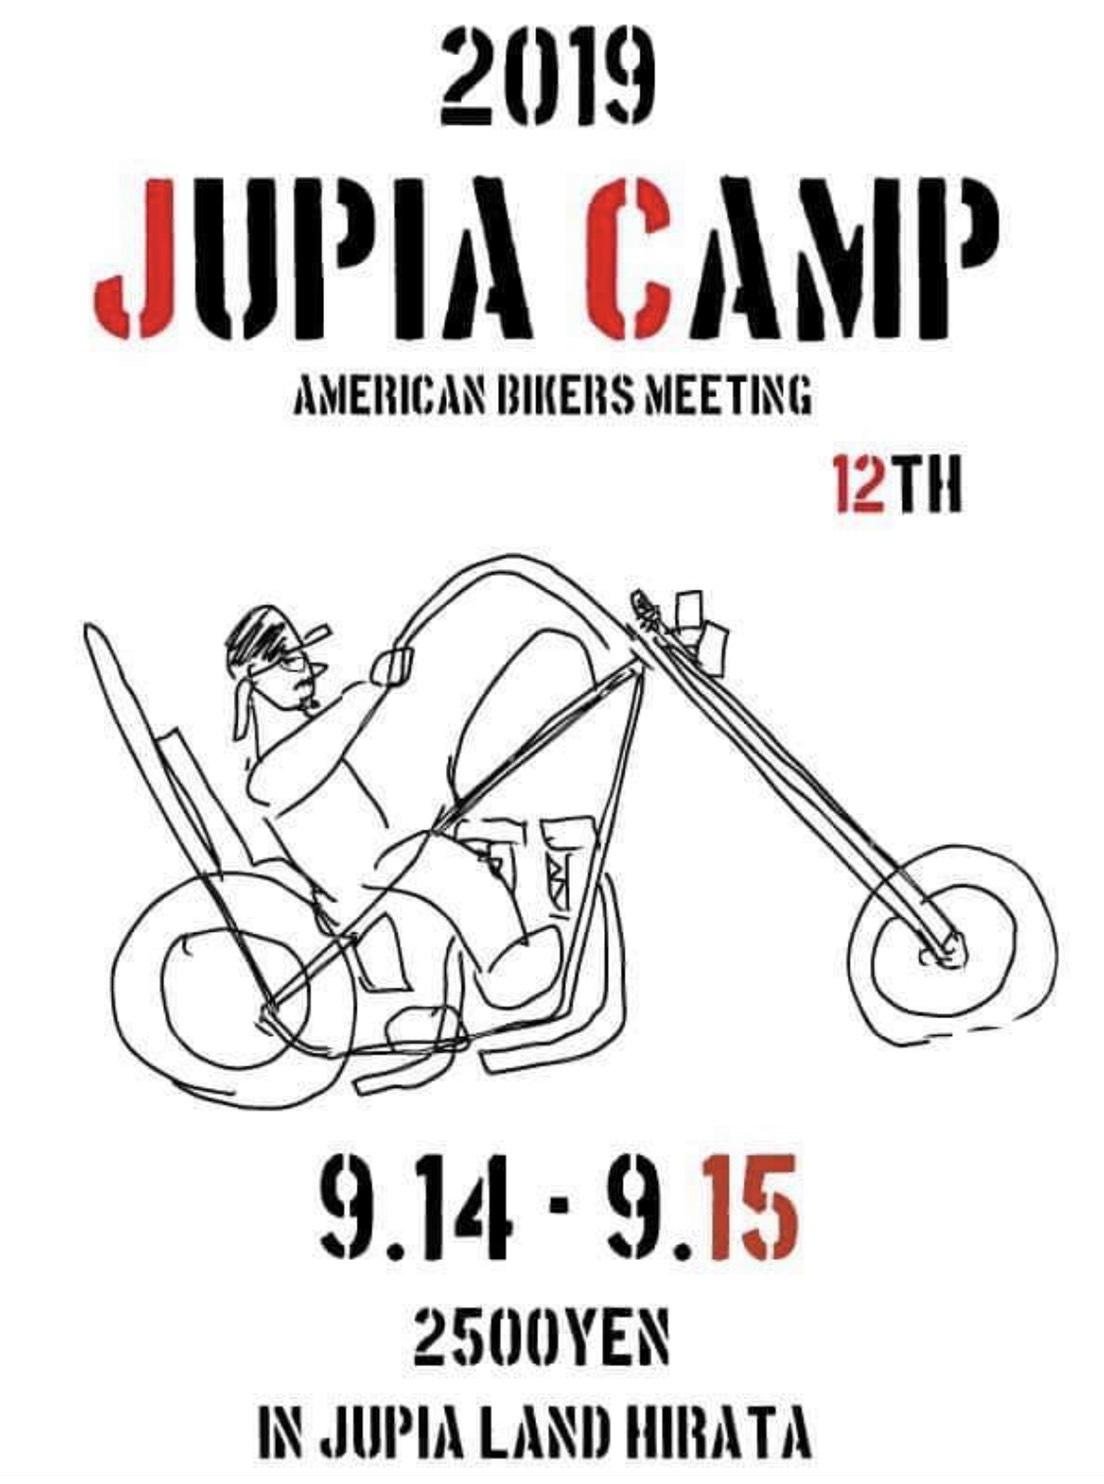 JUPIA CAMP 12TH